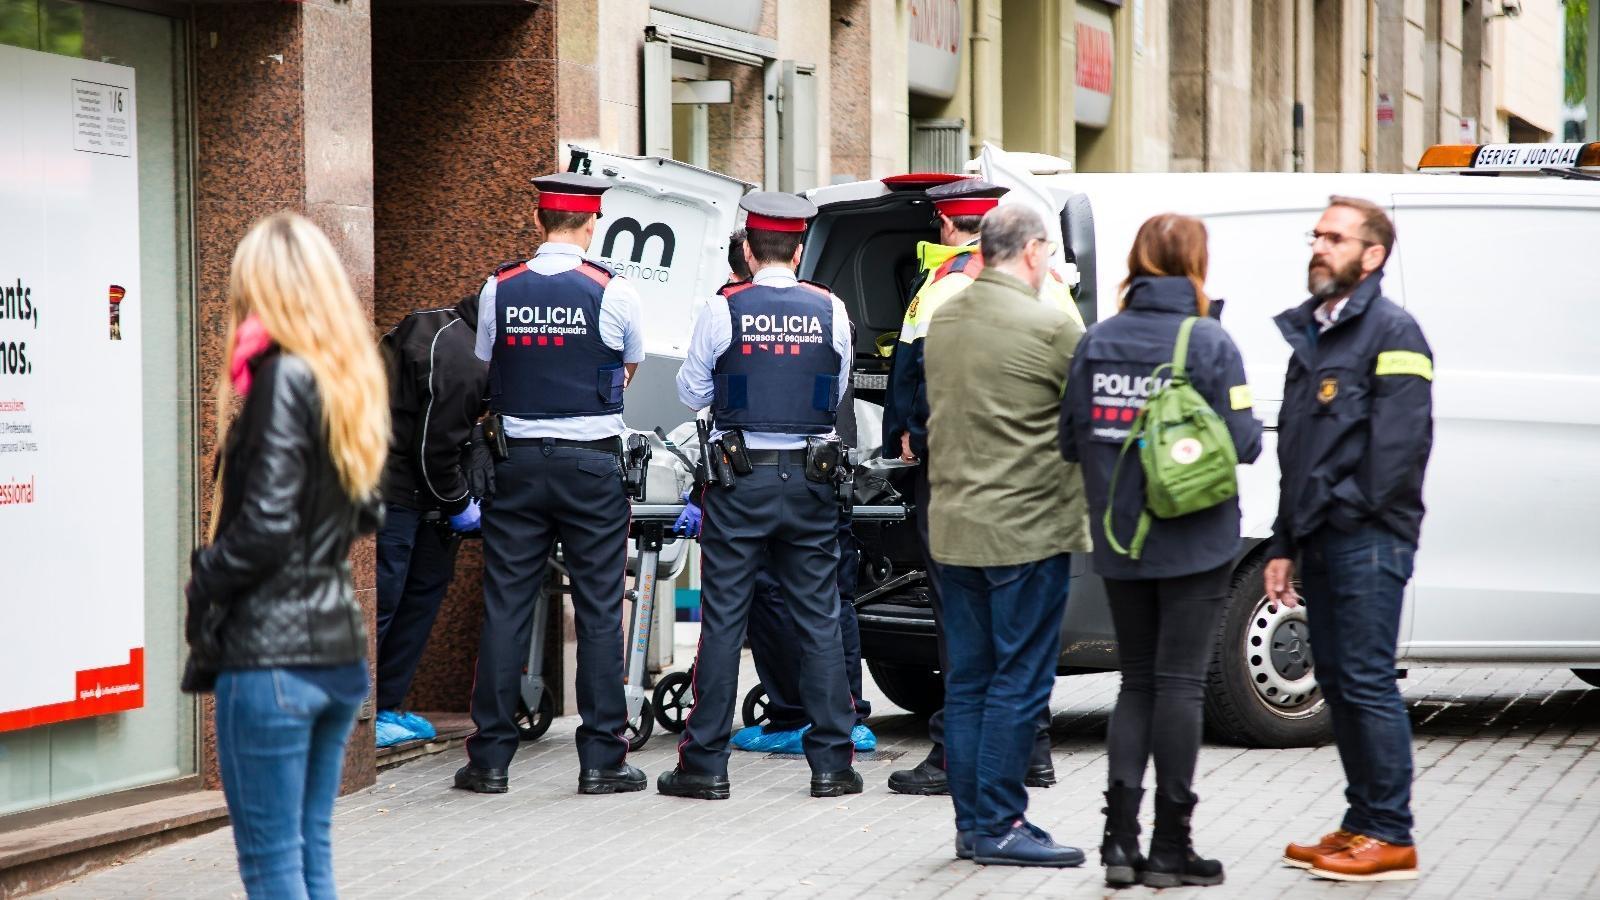 Mor un home tirotejat en un pis a l'Eixample de Barcelona